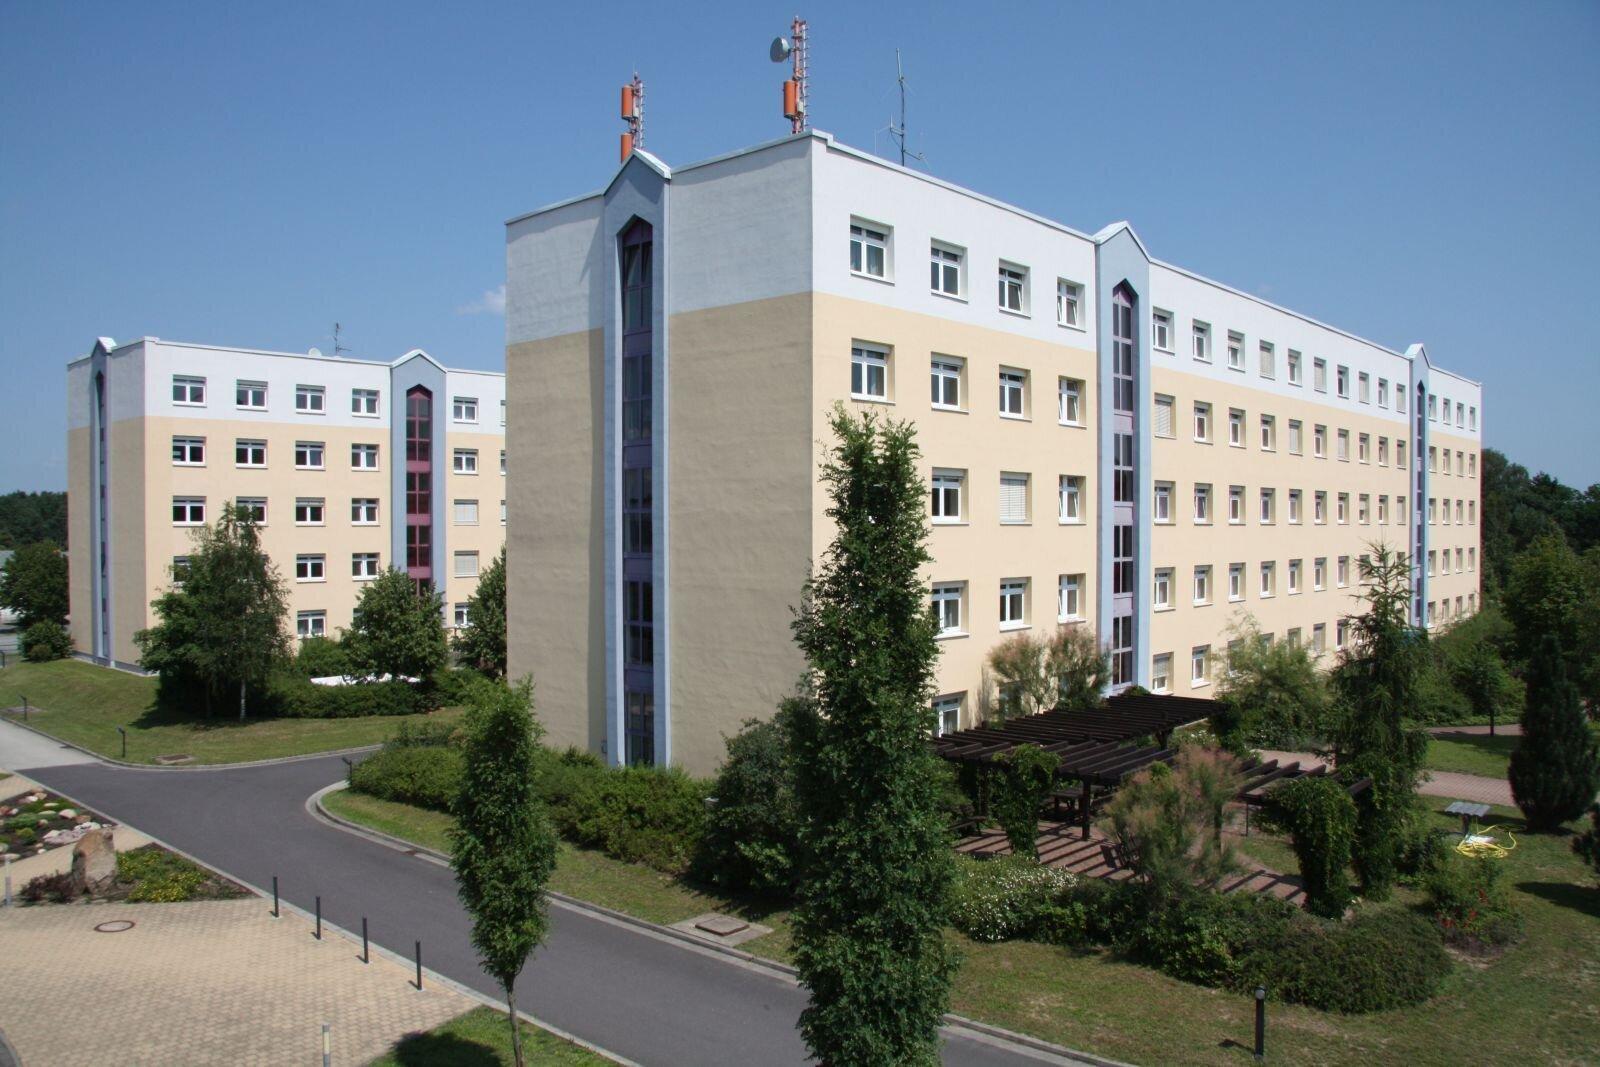 Polizeifachhochschule